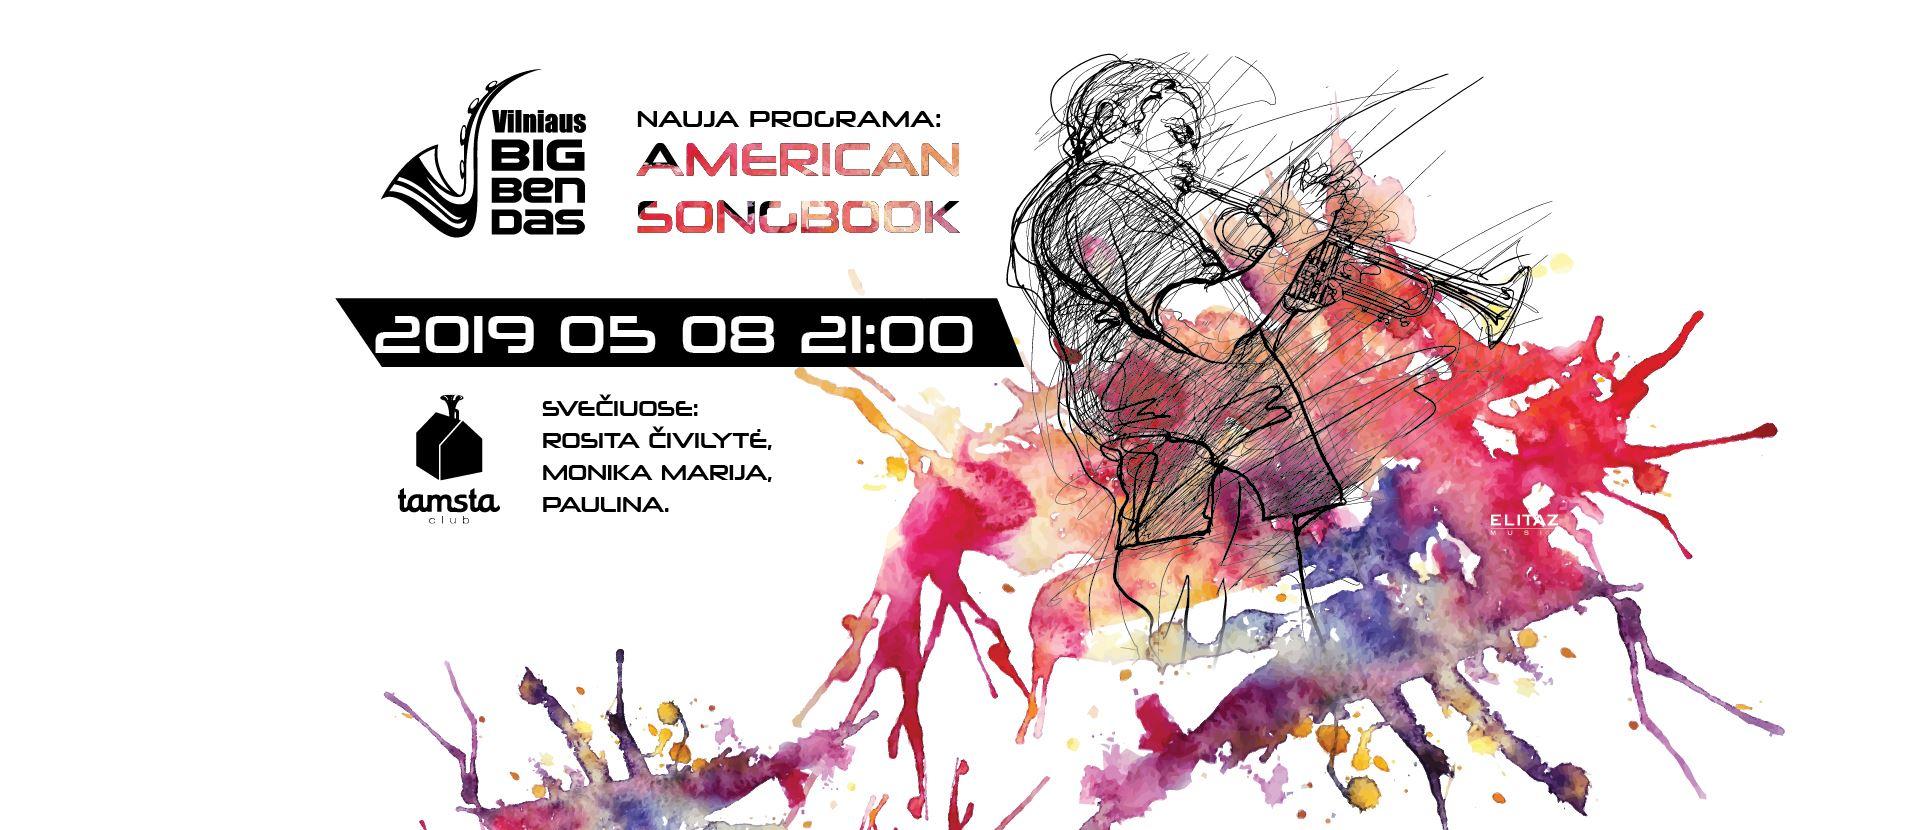 Vilniaus Bigbendas: American Songbook